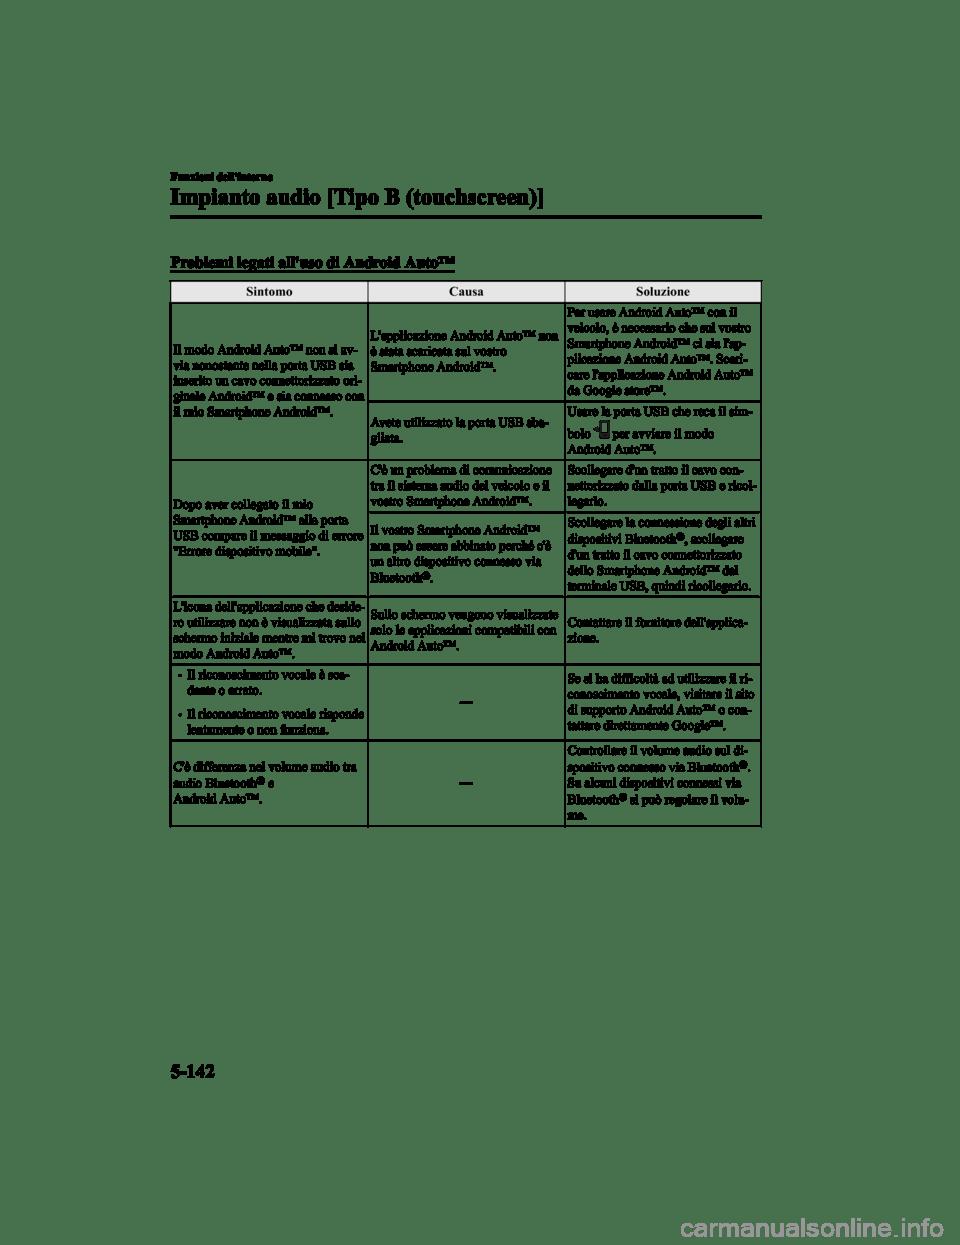 MAZDA MODEL CX-5 2019 Manuale del proprietario (in Italian